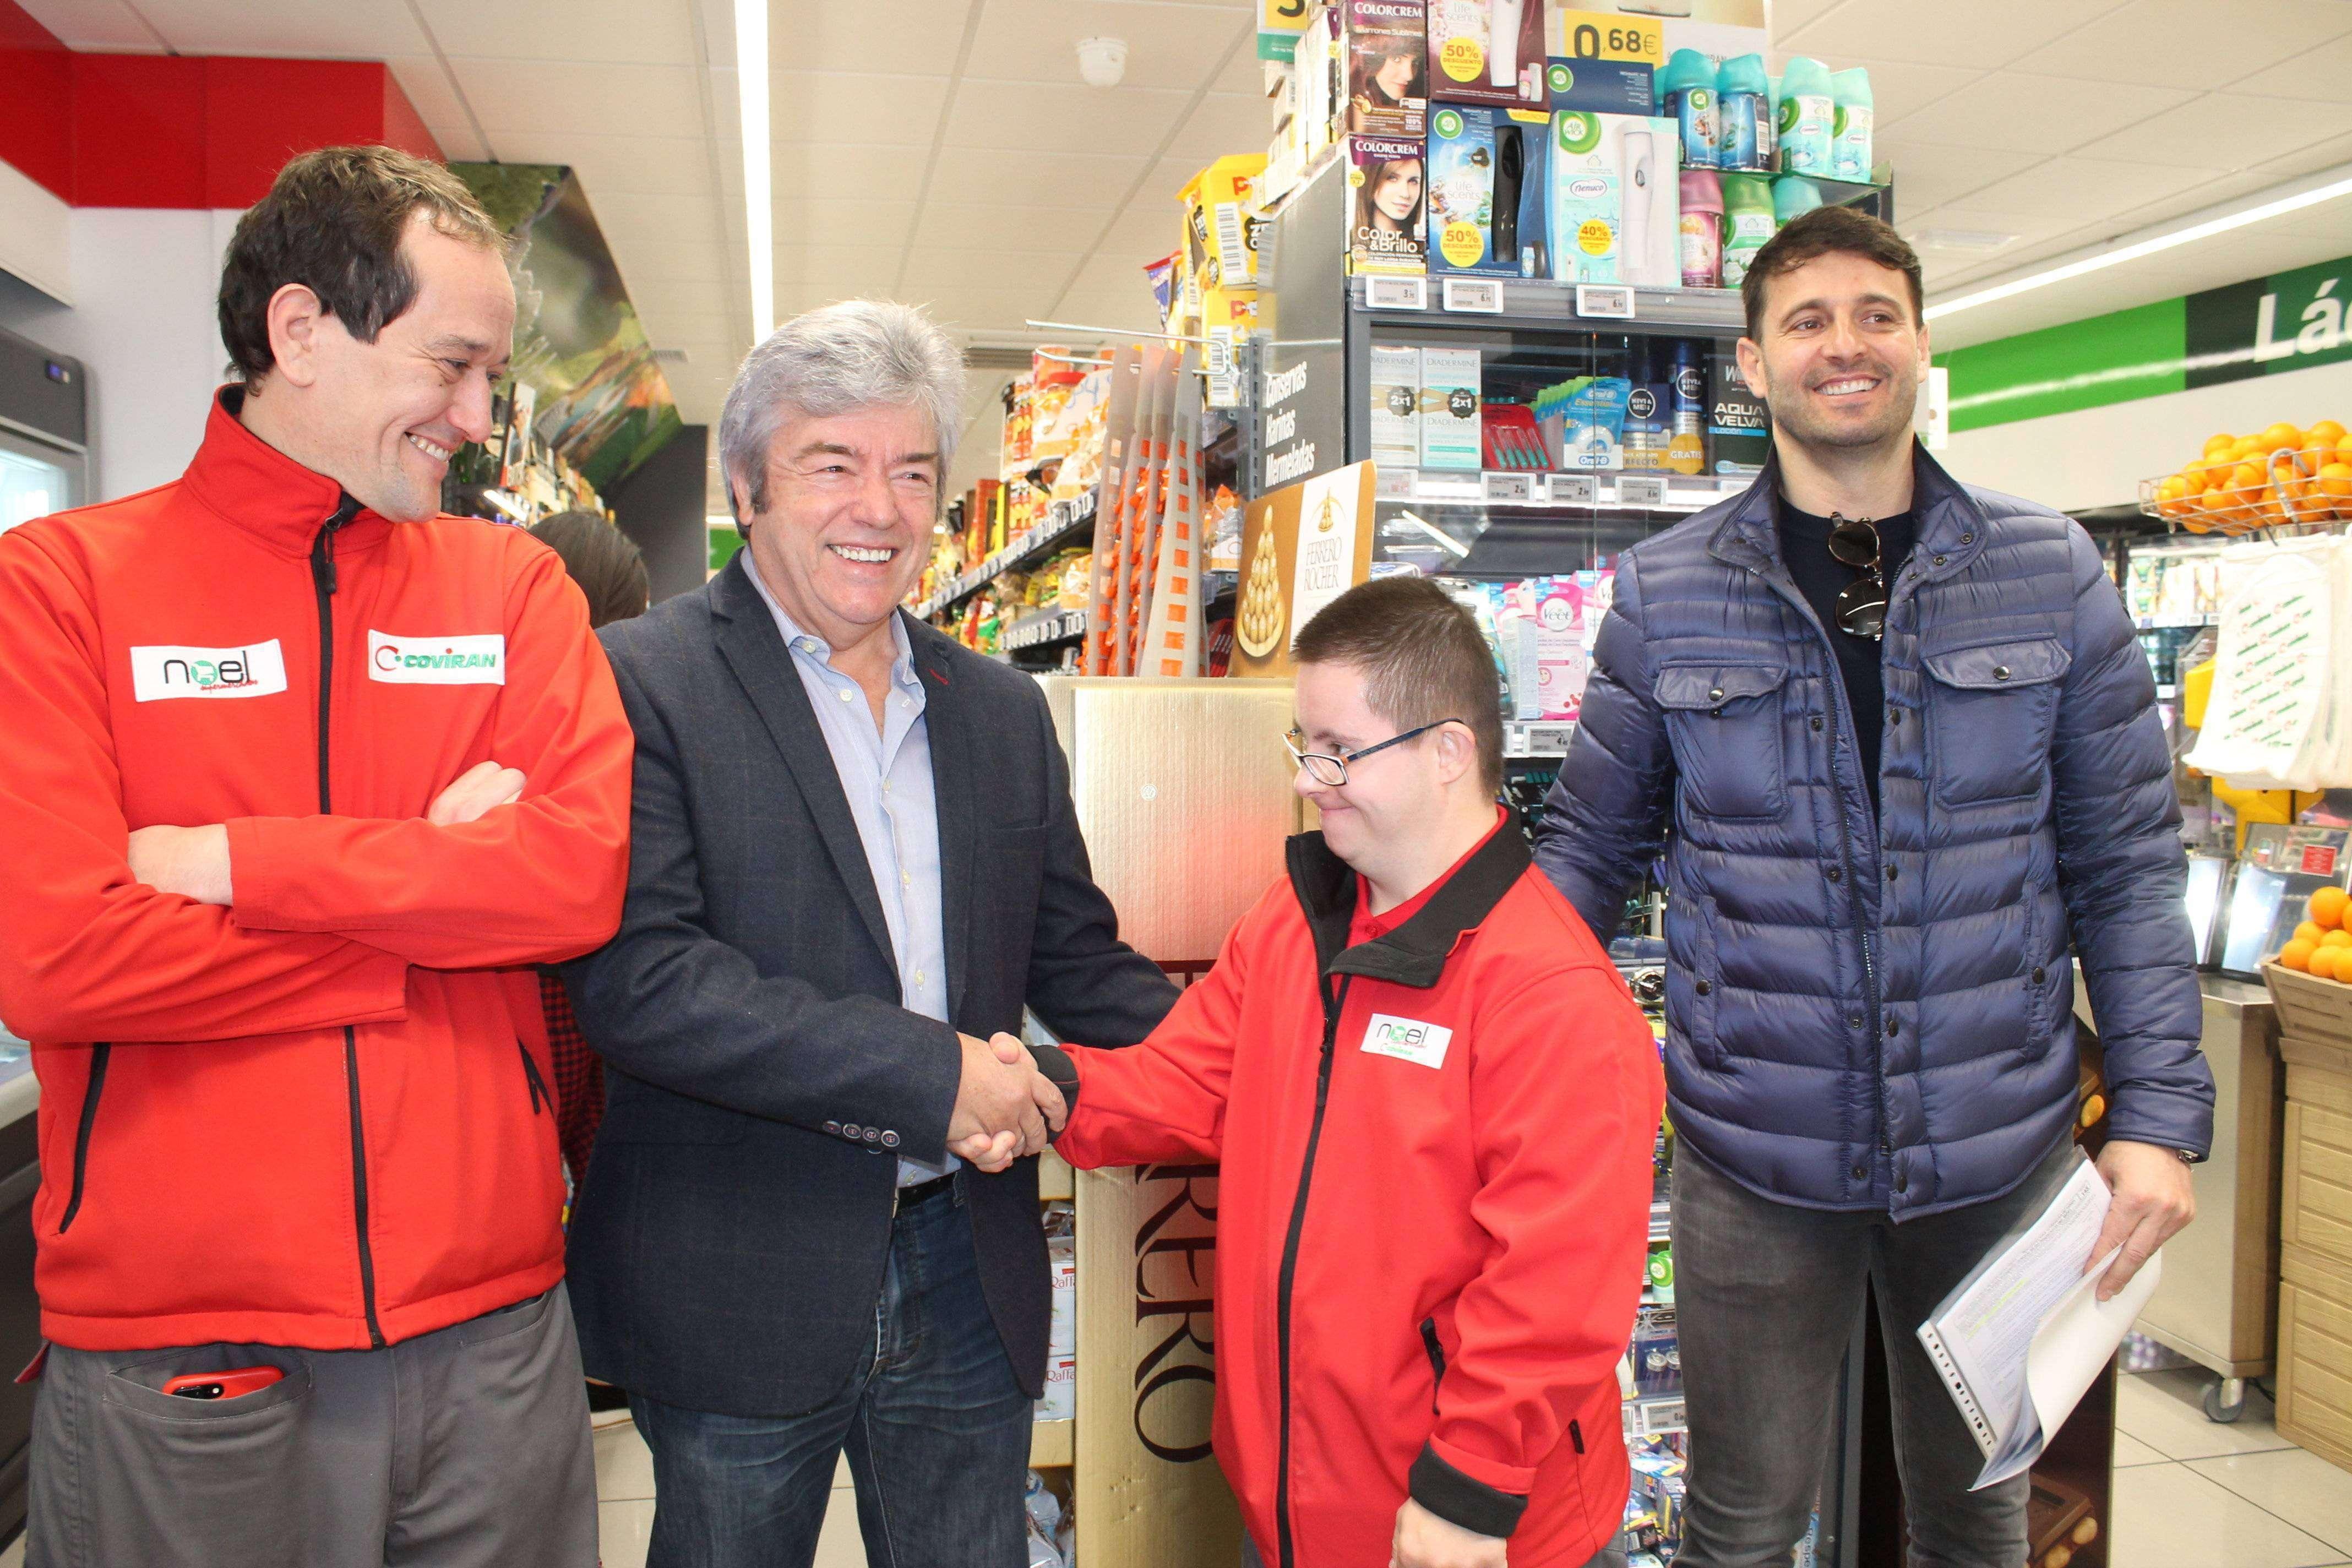 Germán, nuevo miembro de la plantilla del supermercado Covirán